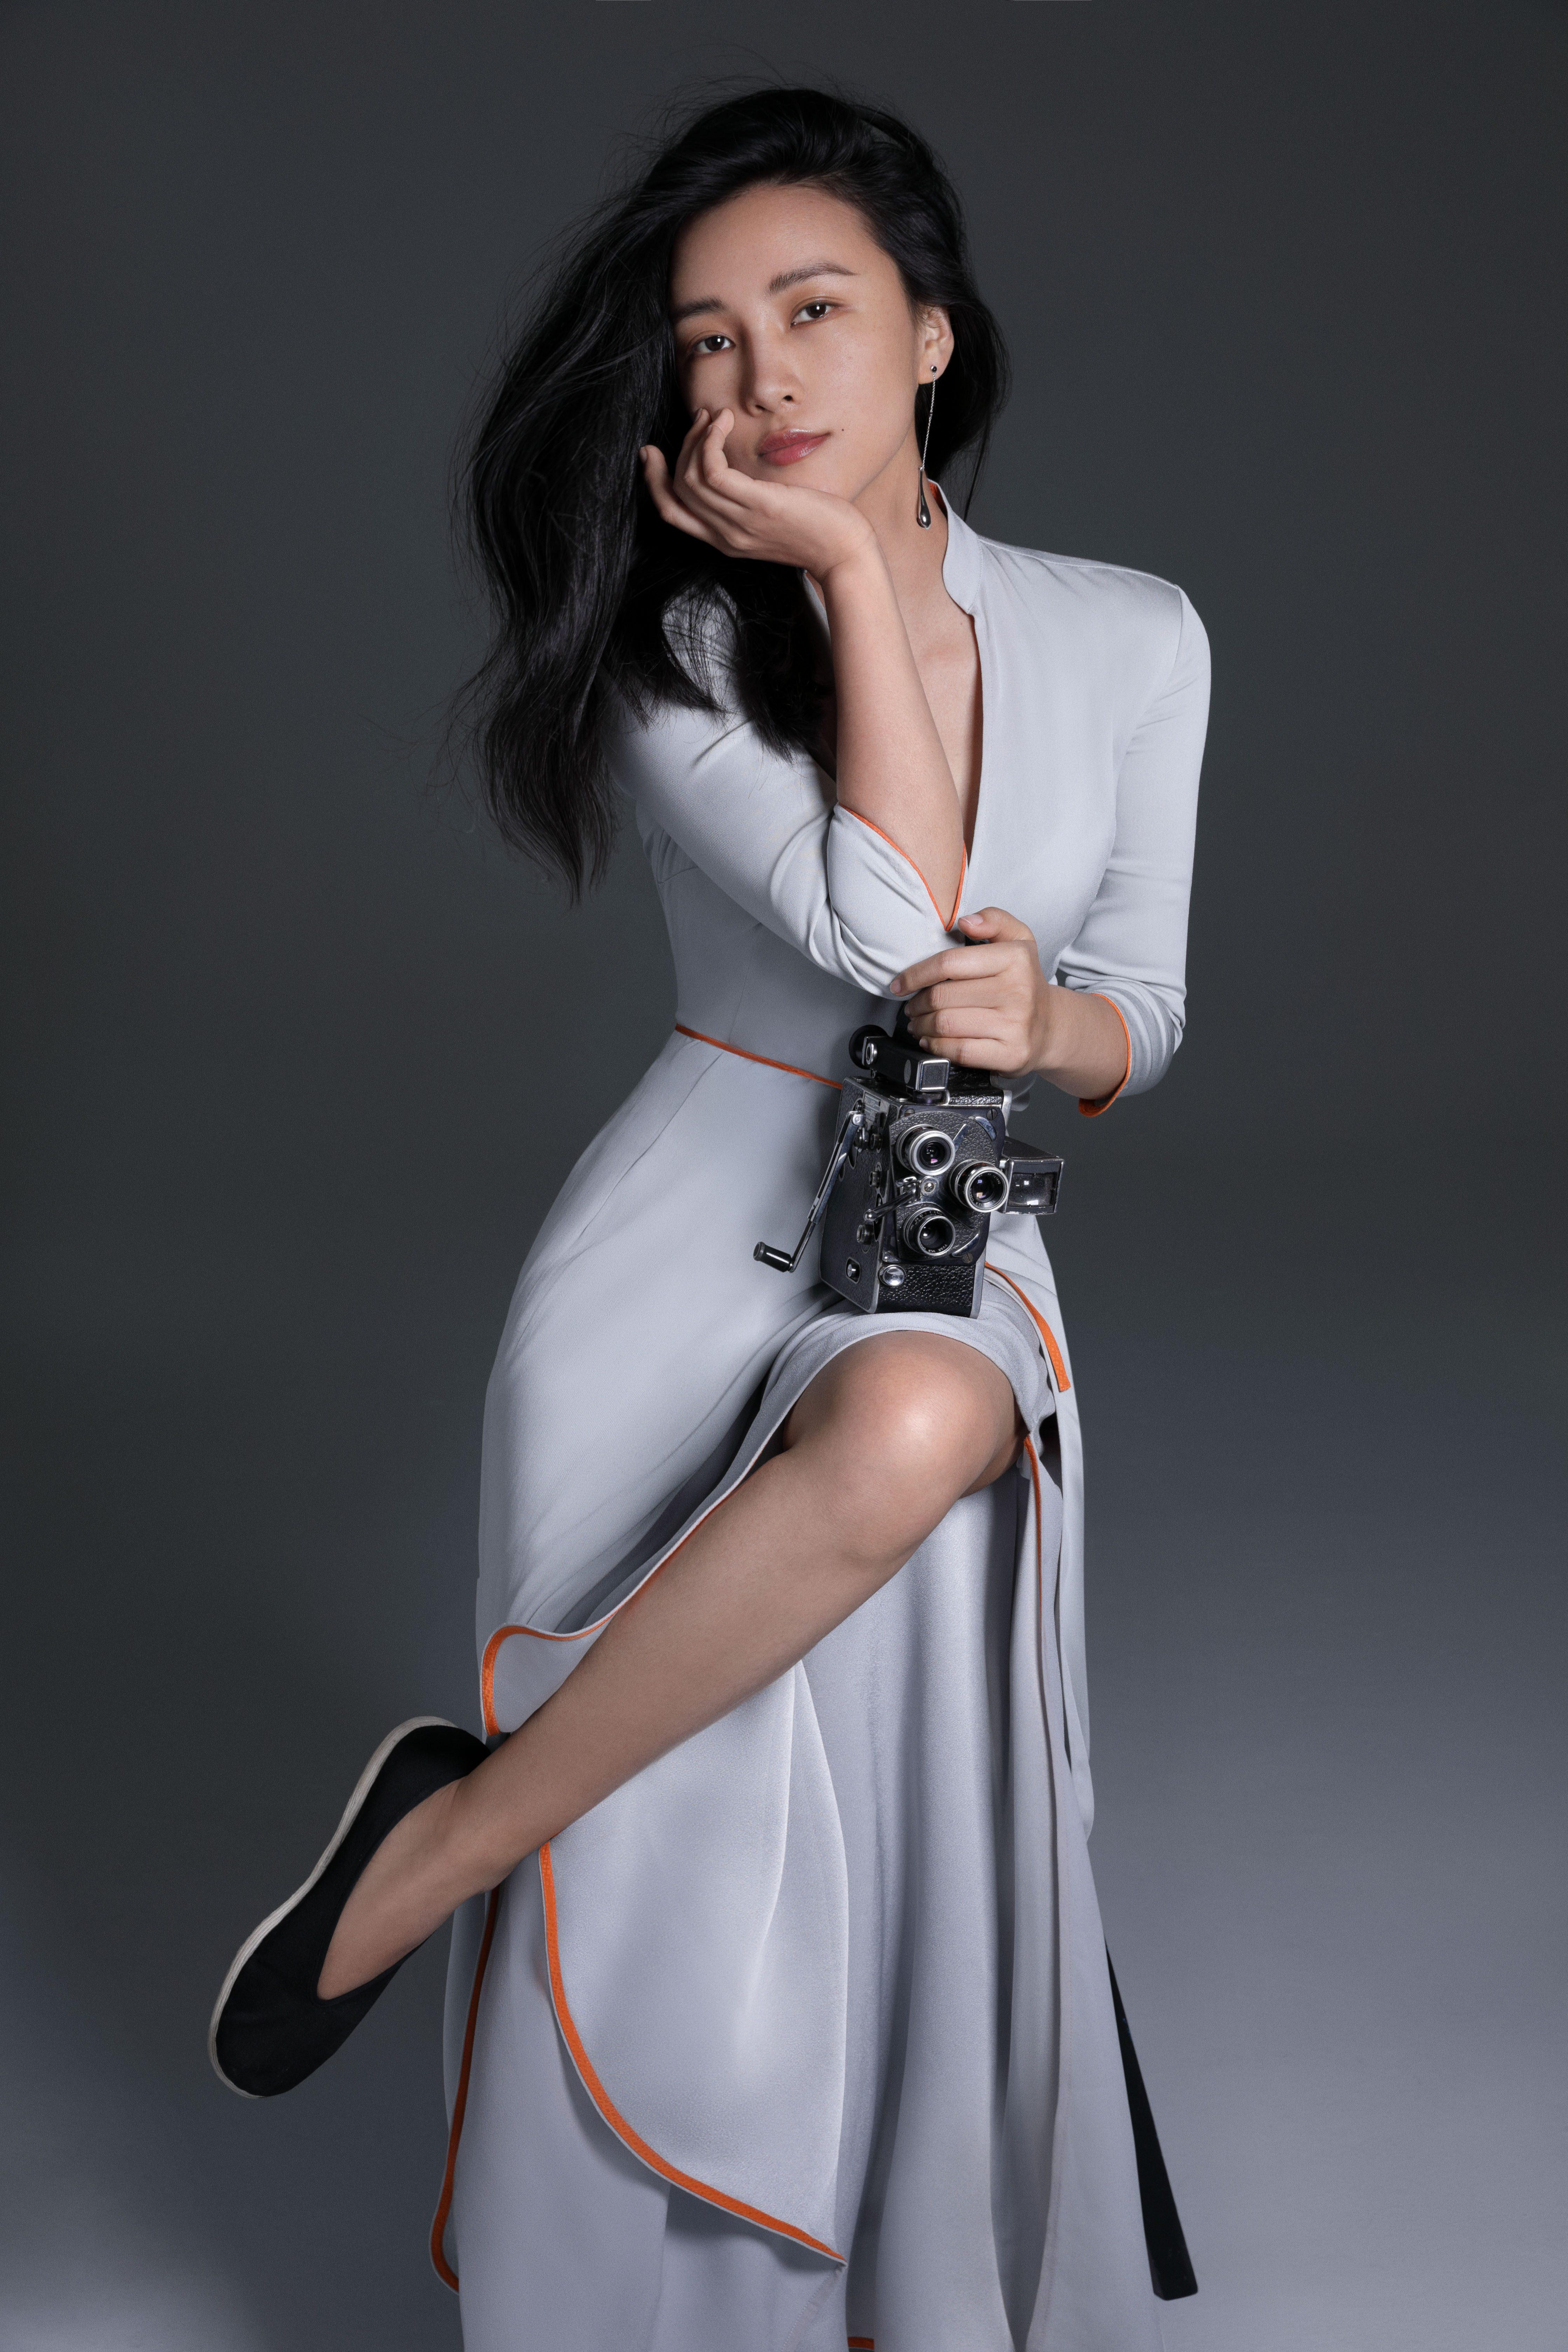 胡歌霍建华大片霸屏,蕾哈娜封面上热搜,陈漫用摄影寻找东方美